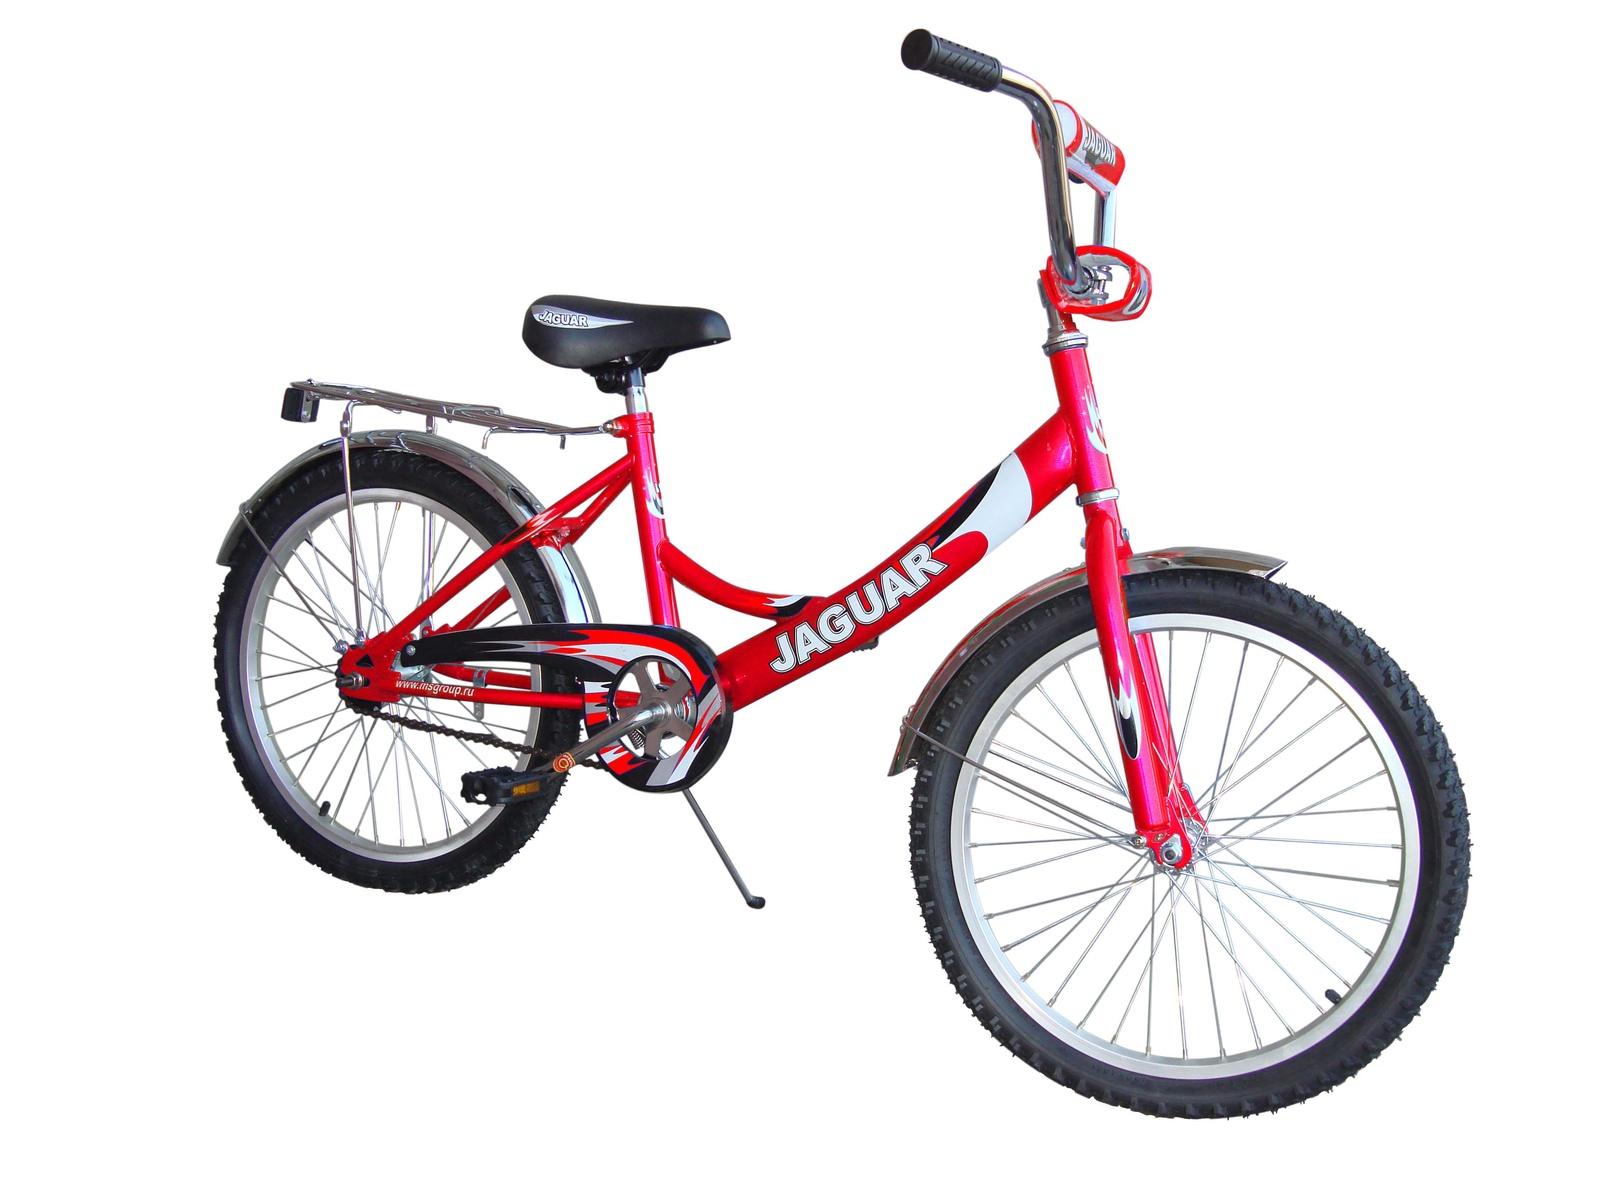 Детский двухколесный велосипед Jaguar MS-202 steel красный